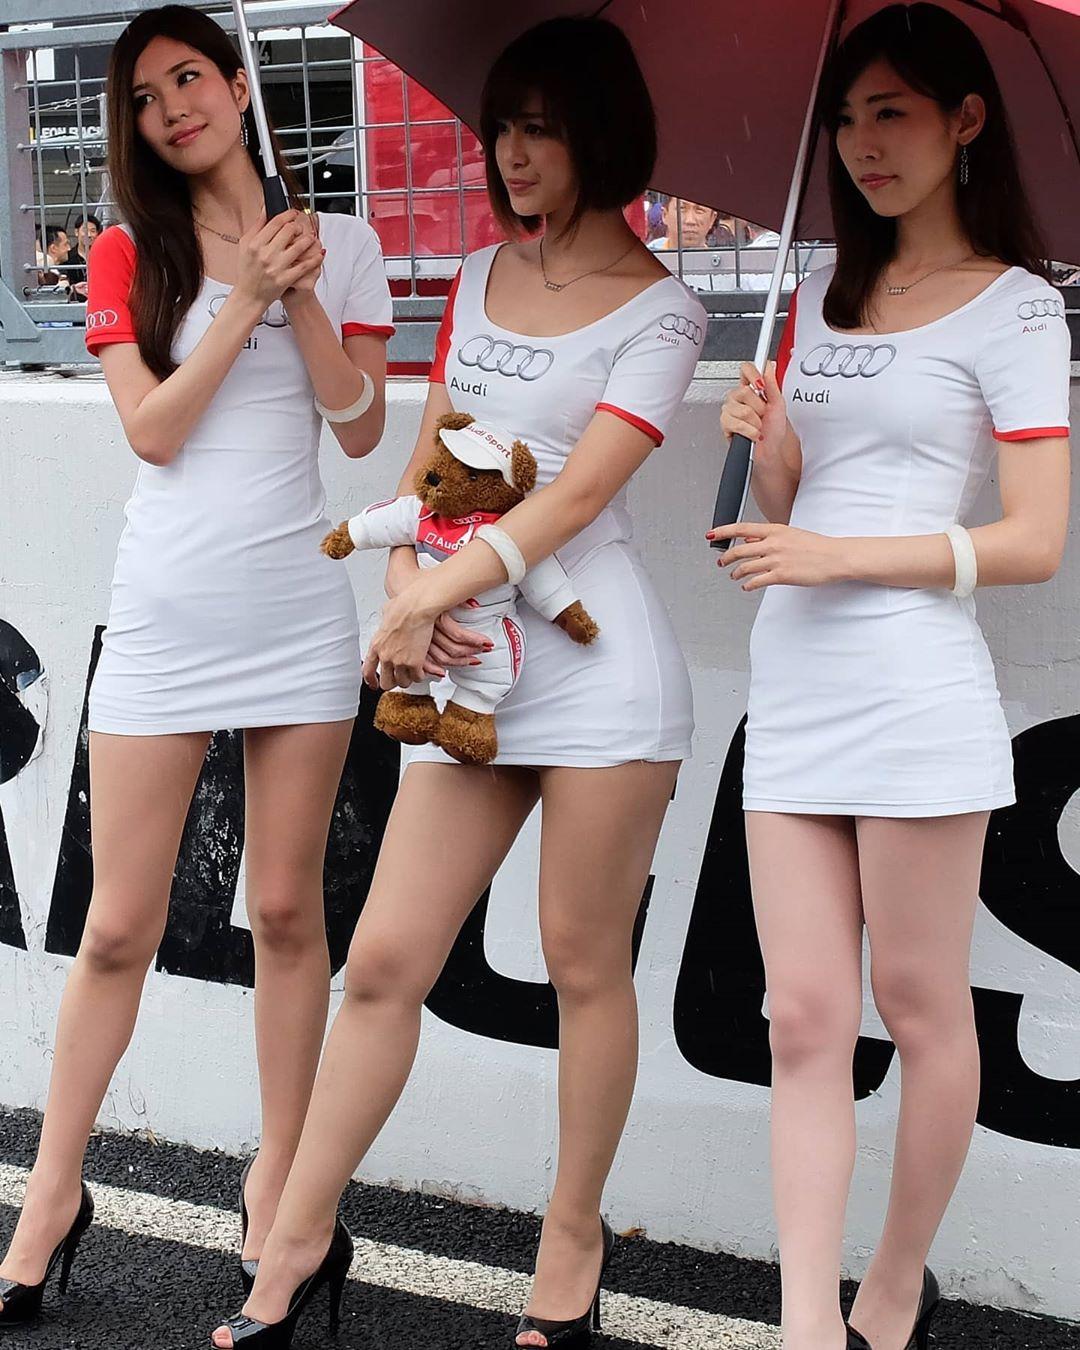 レースクイン・キャンギャル 2